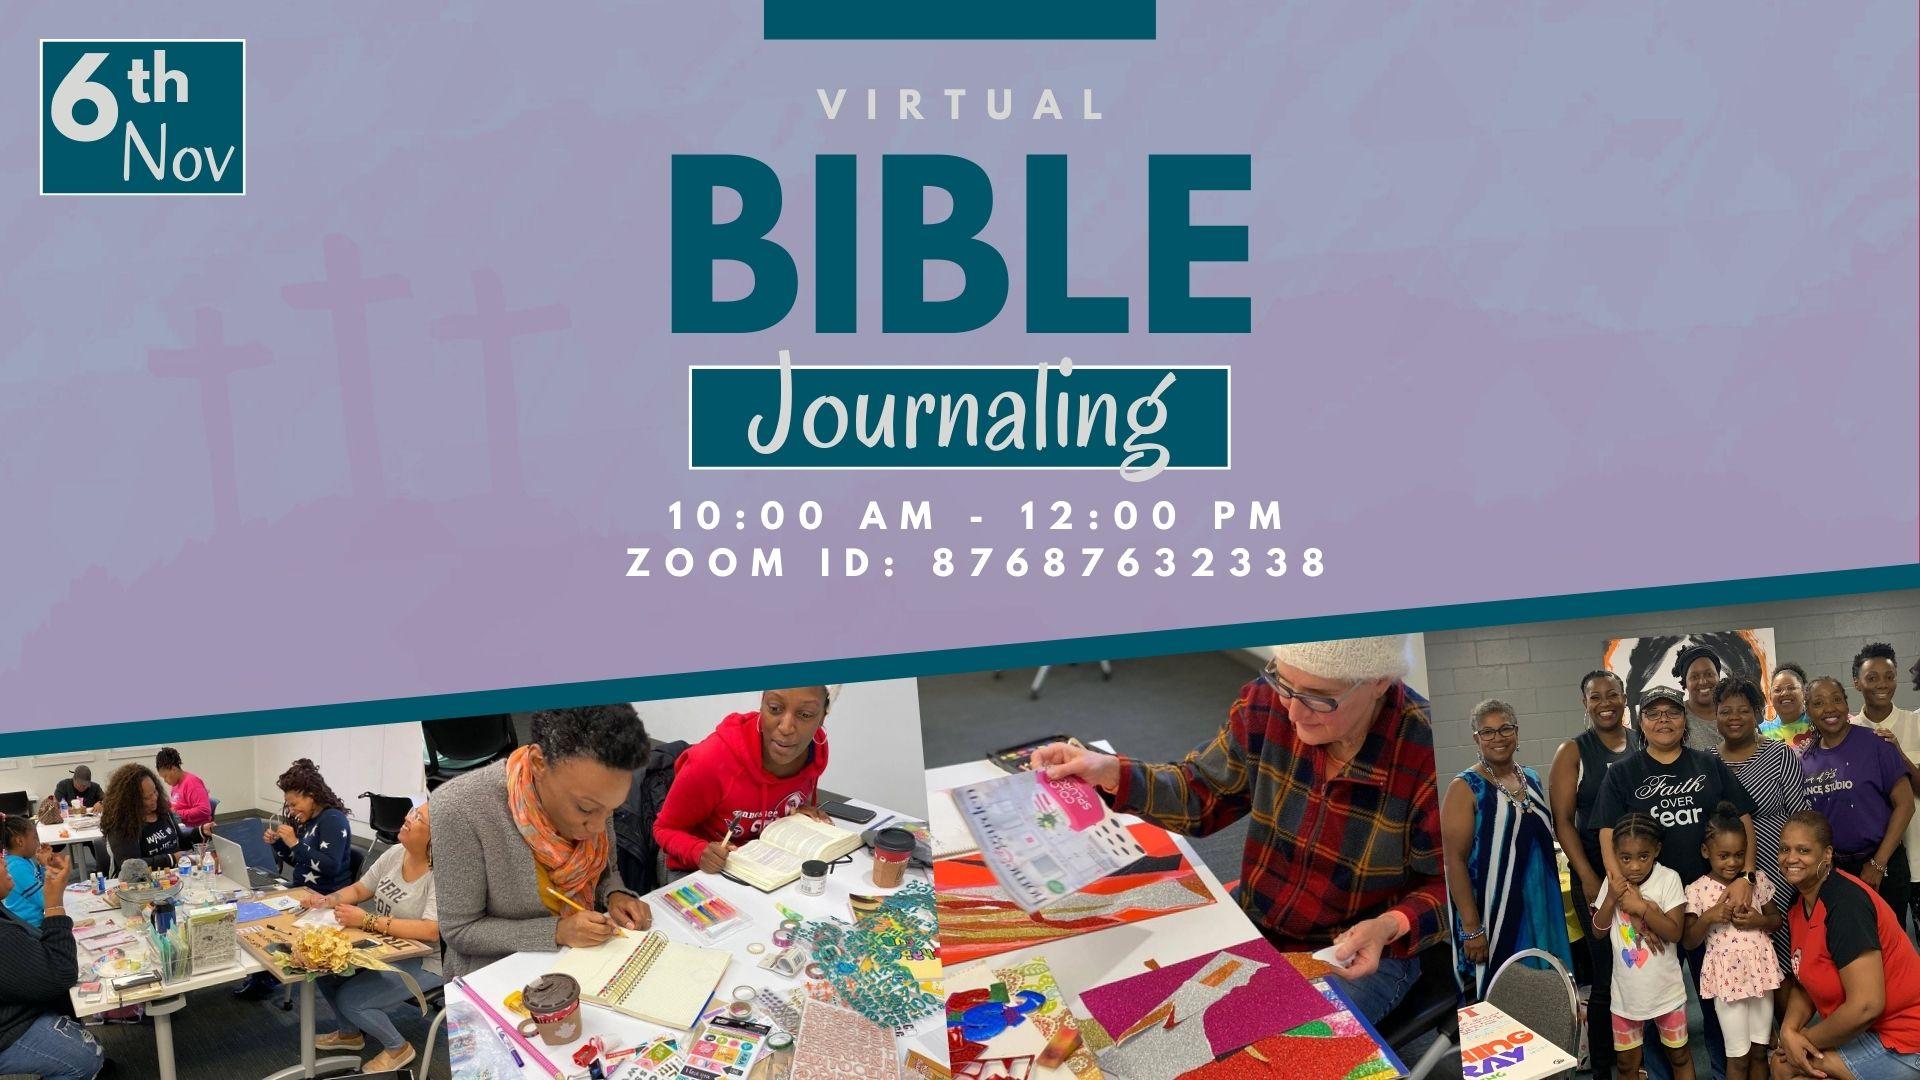 Virtual Bible Journaling